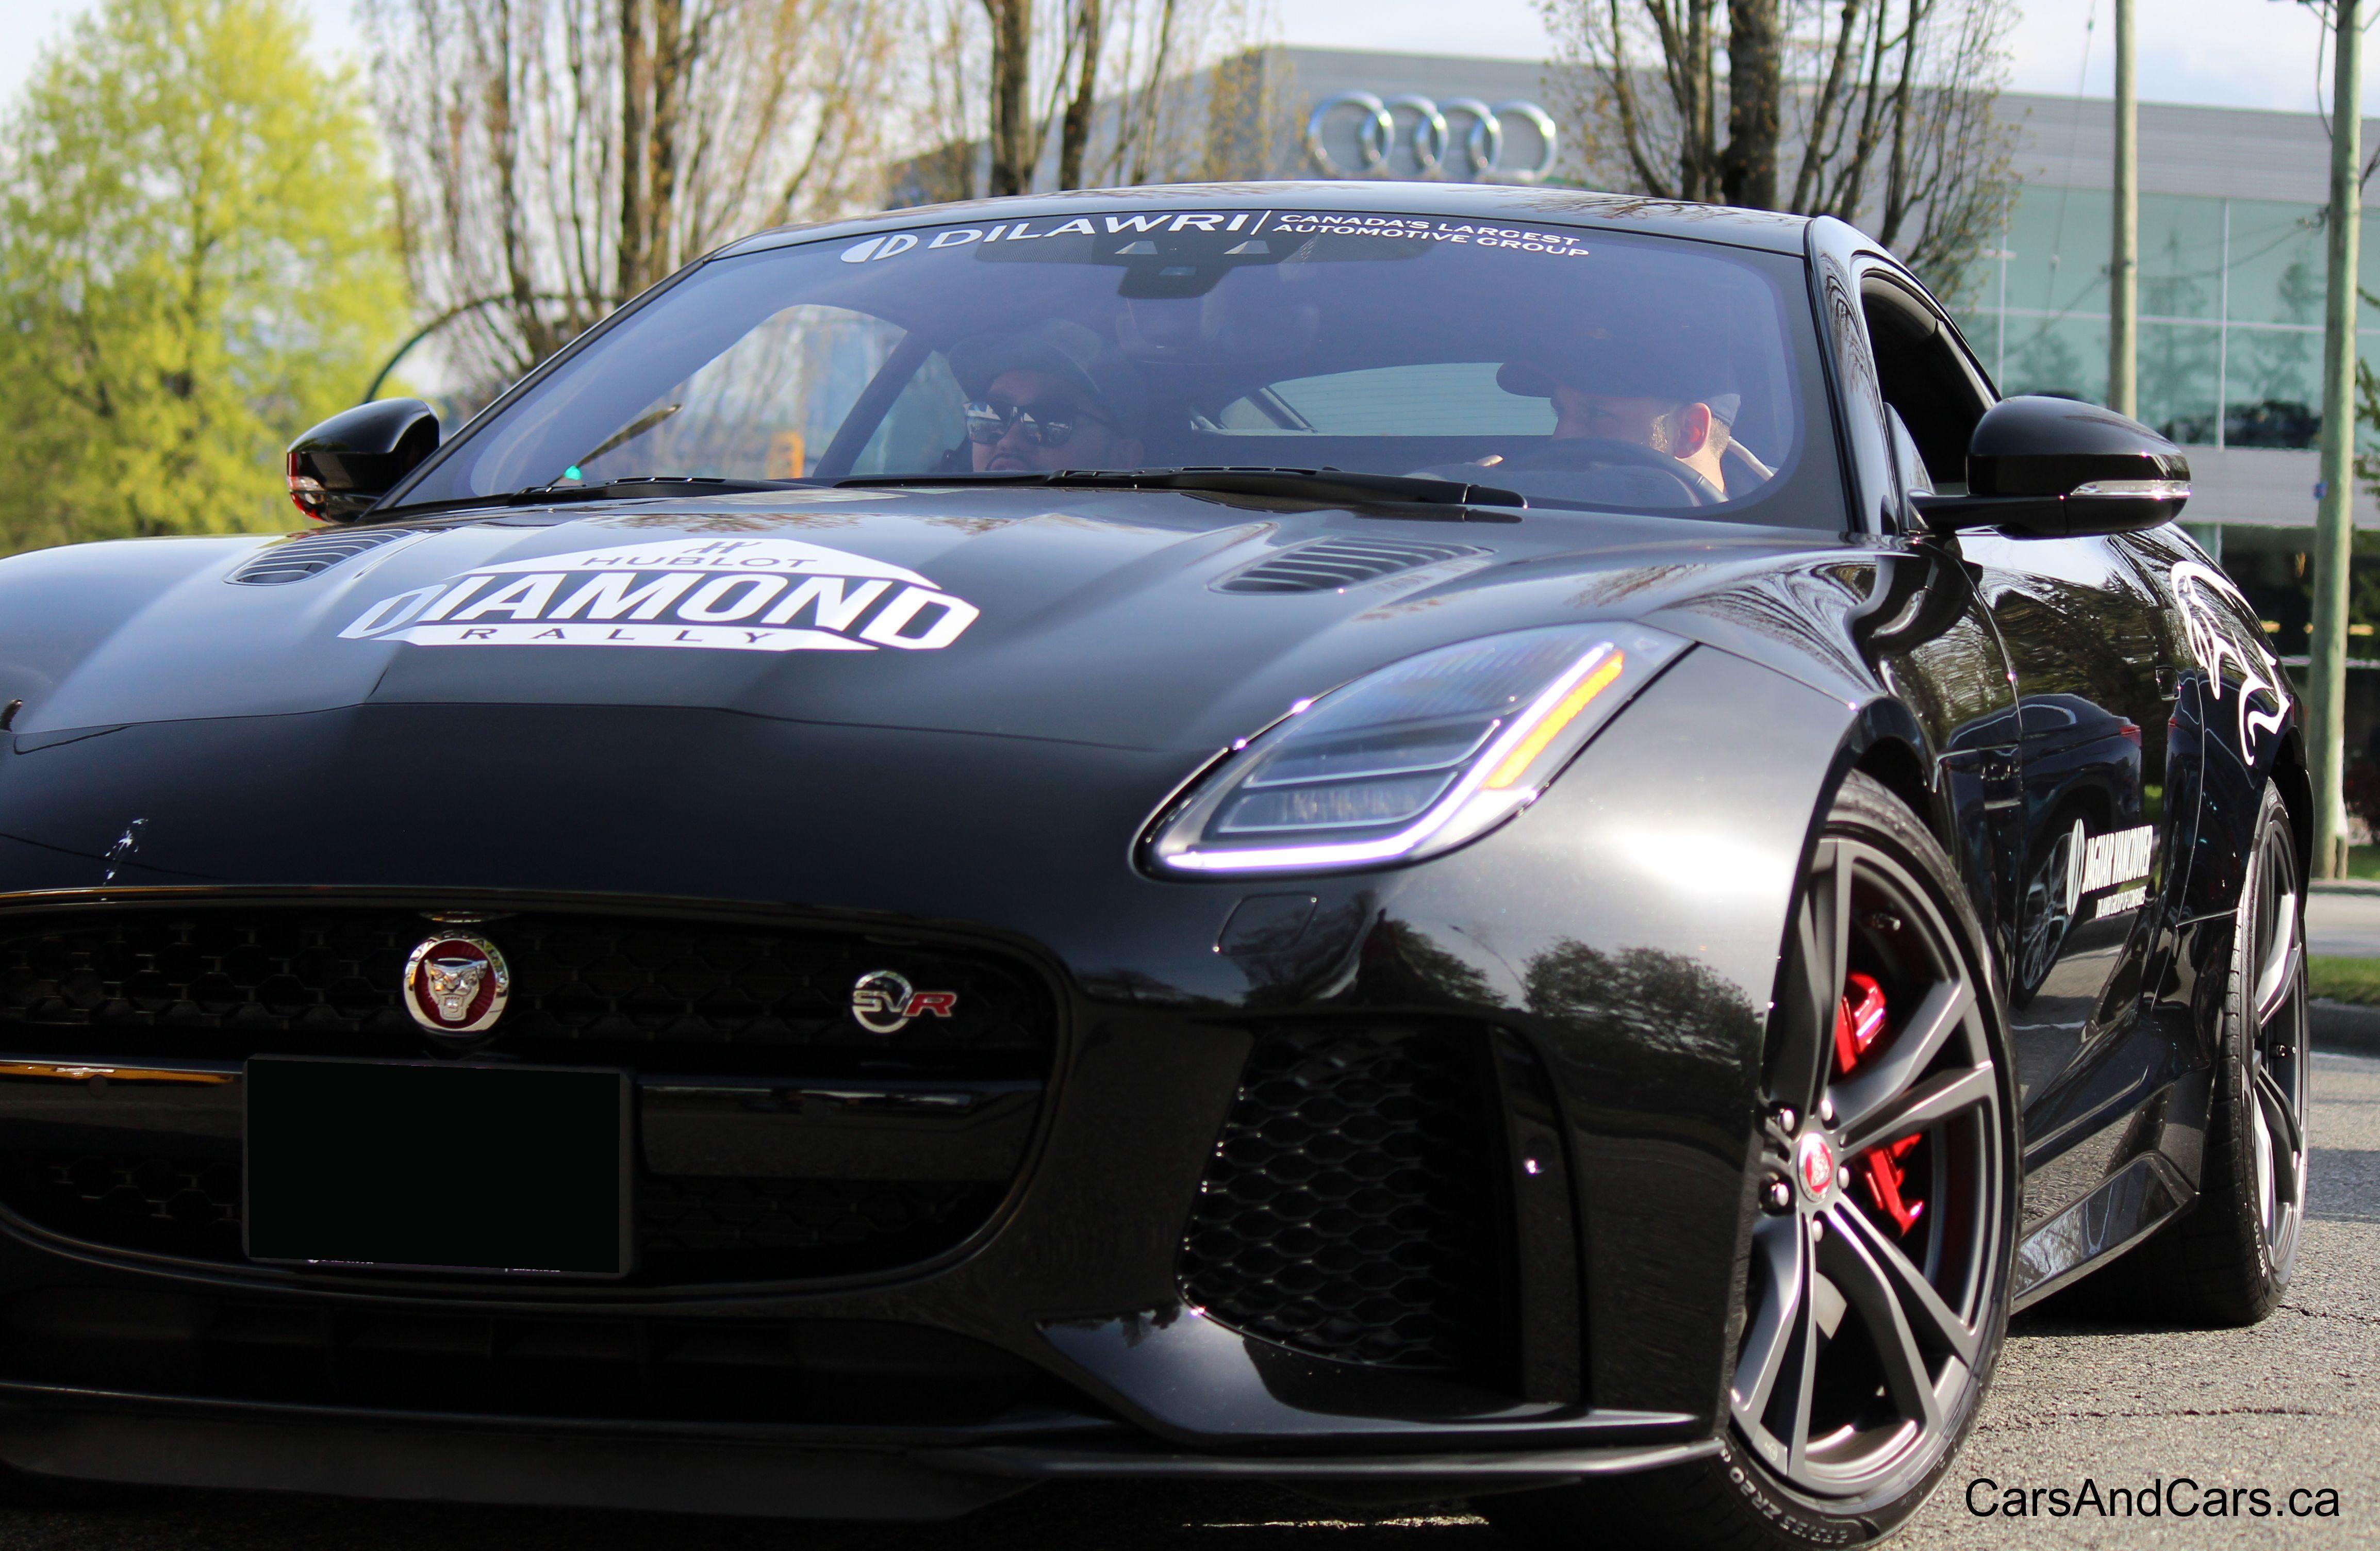 Jaguar F Type Svr Special Vehicle Racing In 2020 Jaguar F Type Jaguar Dream Cars